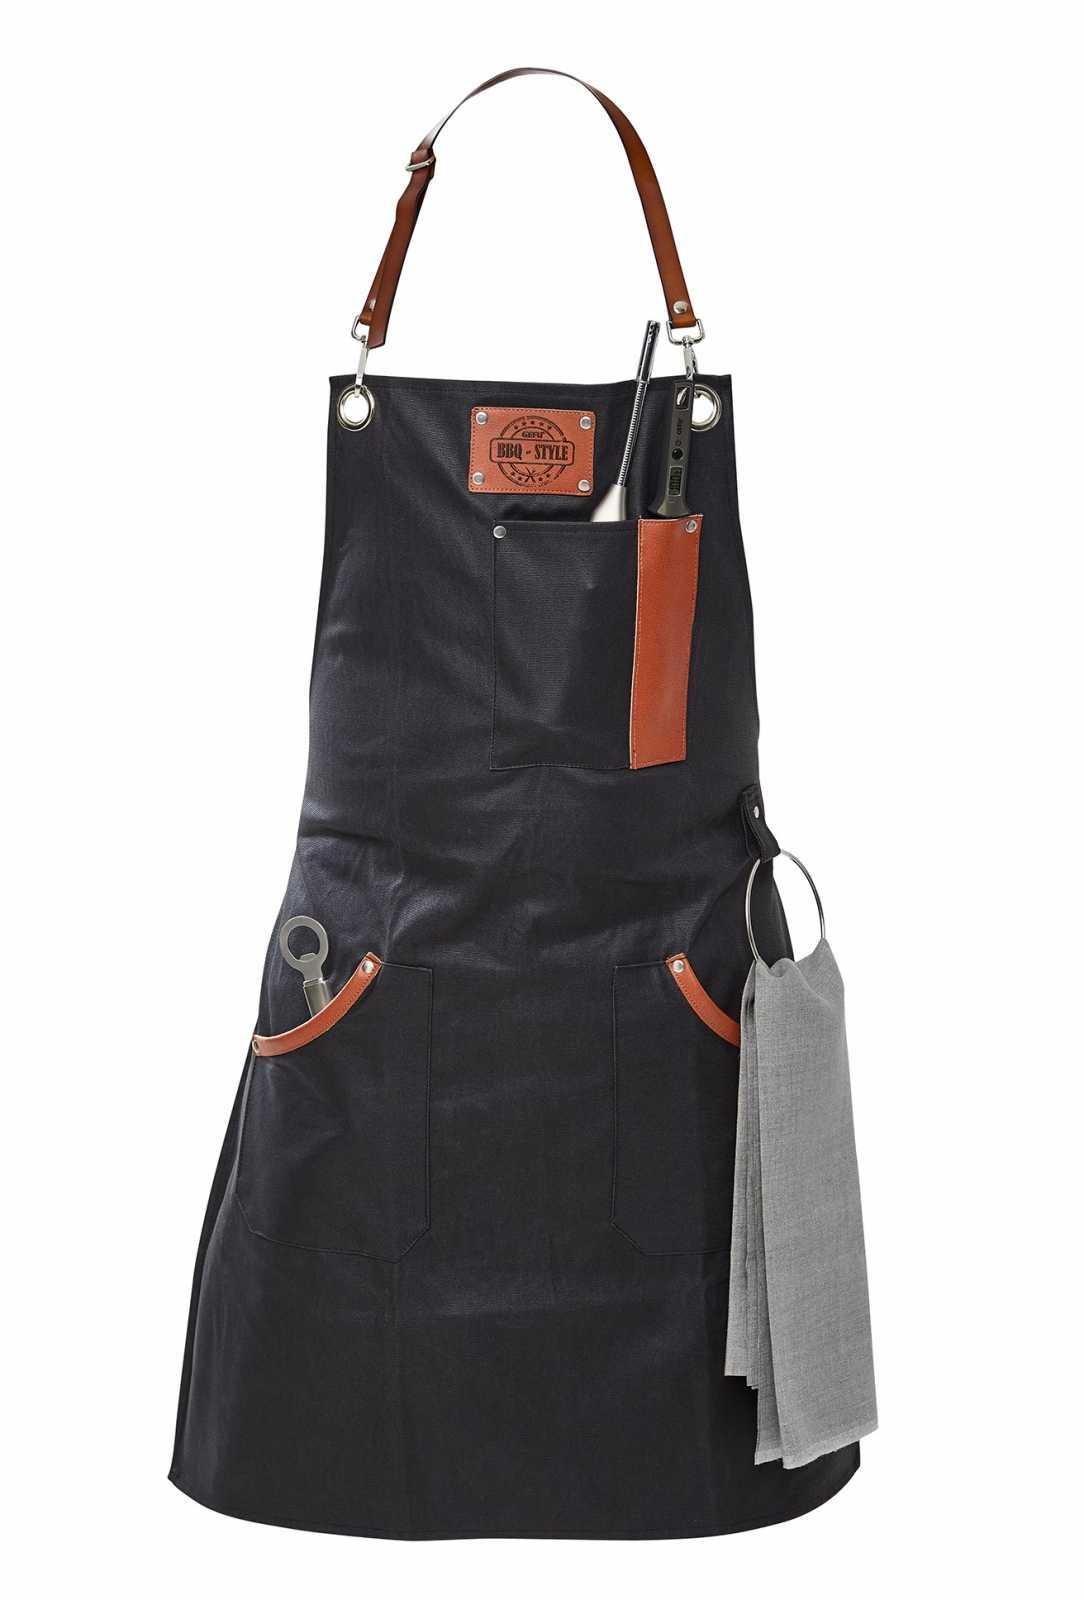 Онлайн каталог PROMENU: Фартук для барбекю с петлей для полотенца и держателем для термометра Gefu, черный                               89421